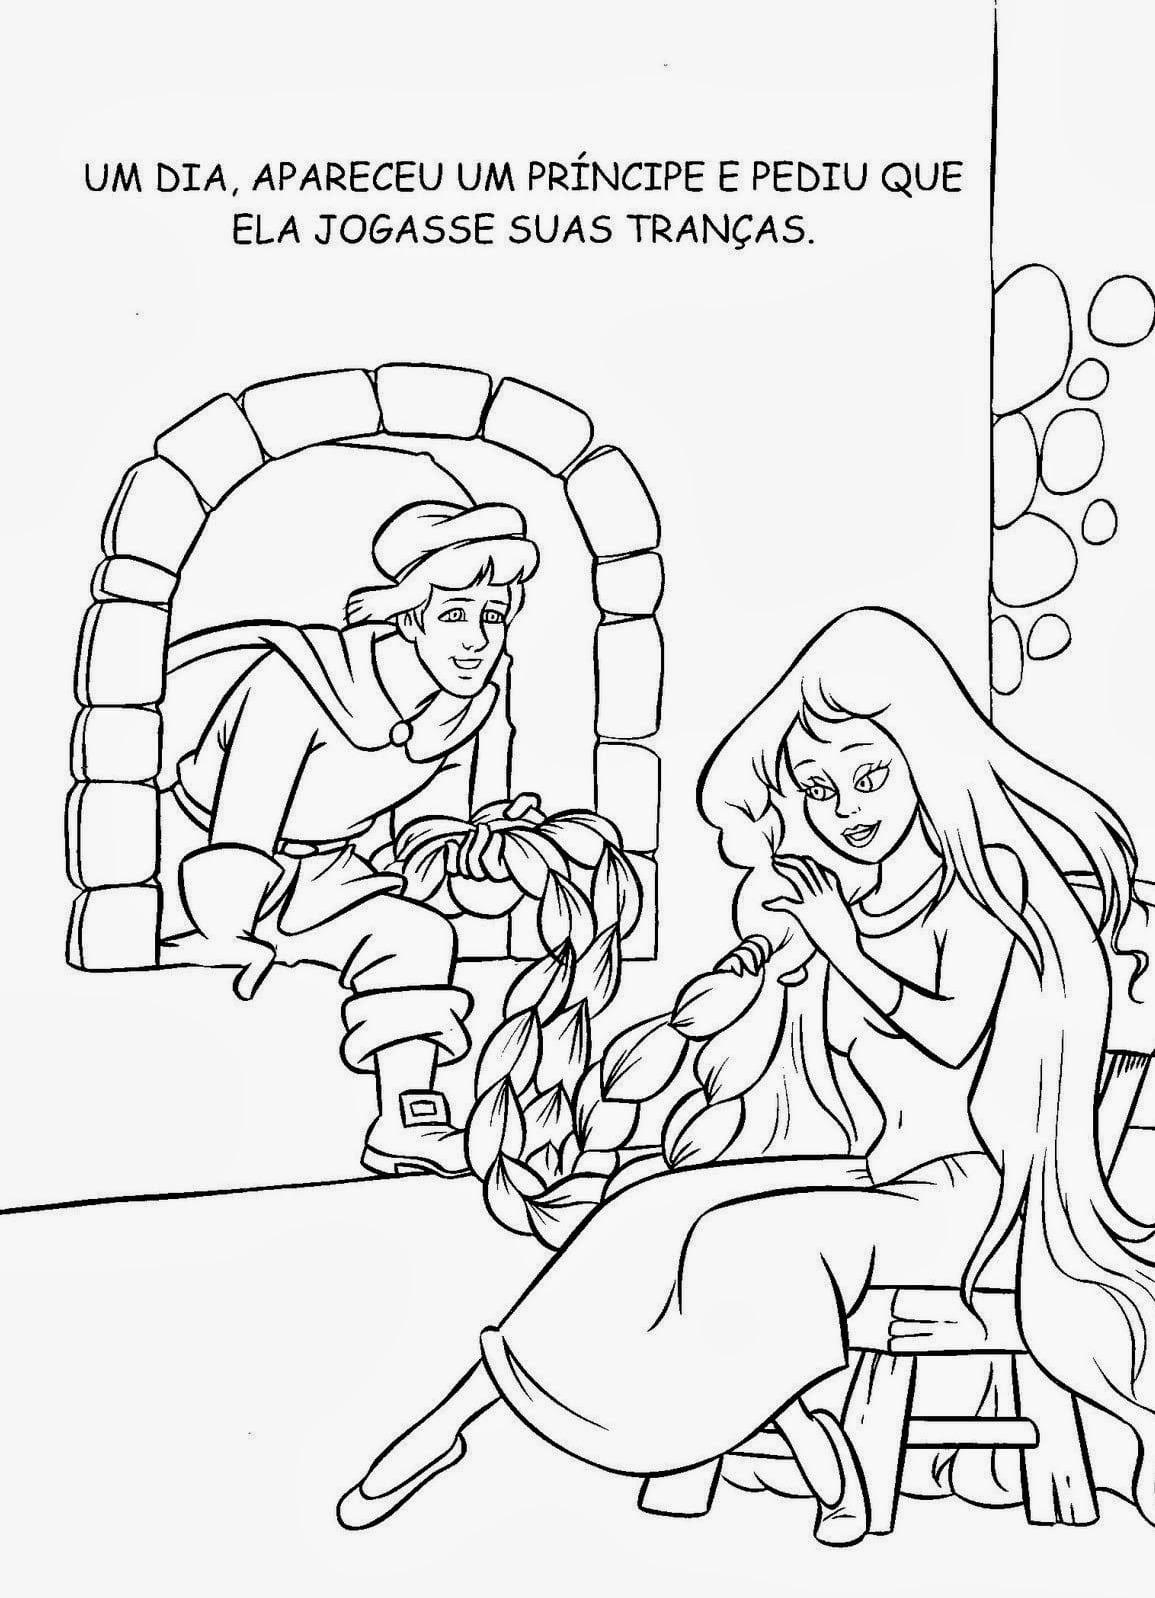 Livro De História Rapunzel Para Colorir, Pintar, Imprimir